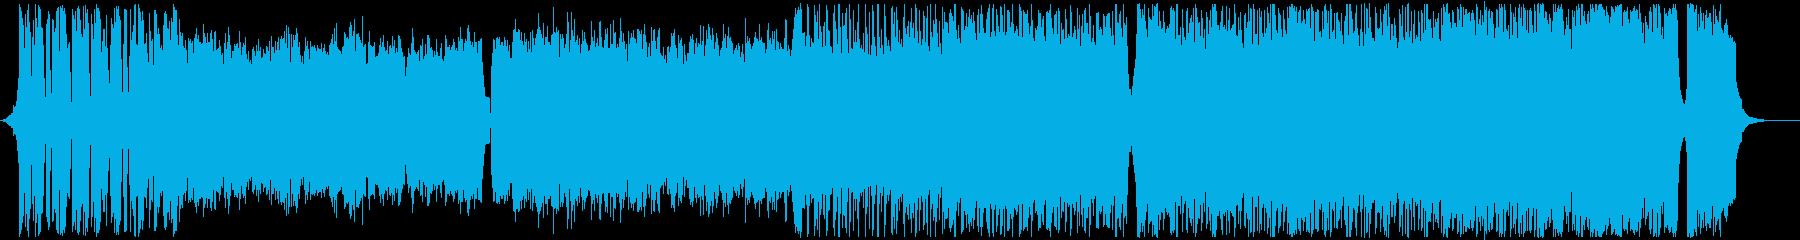 壮大な地球-感動-オーケストラの再生済みの波形